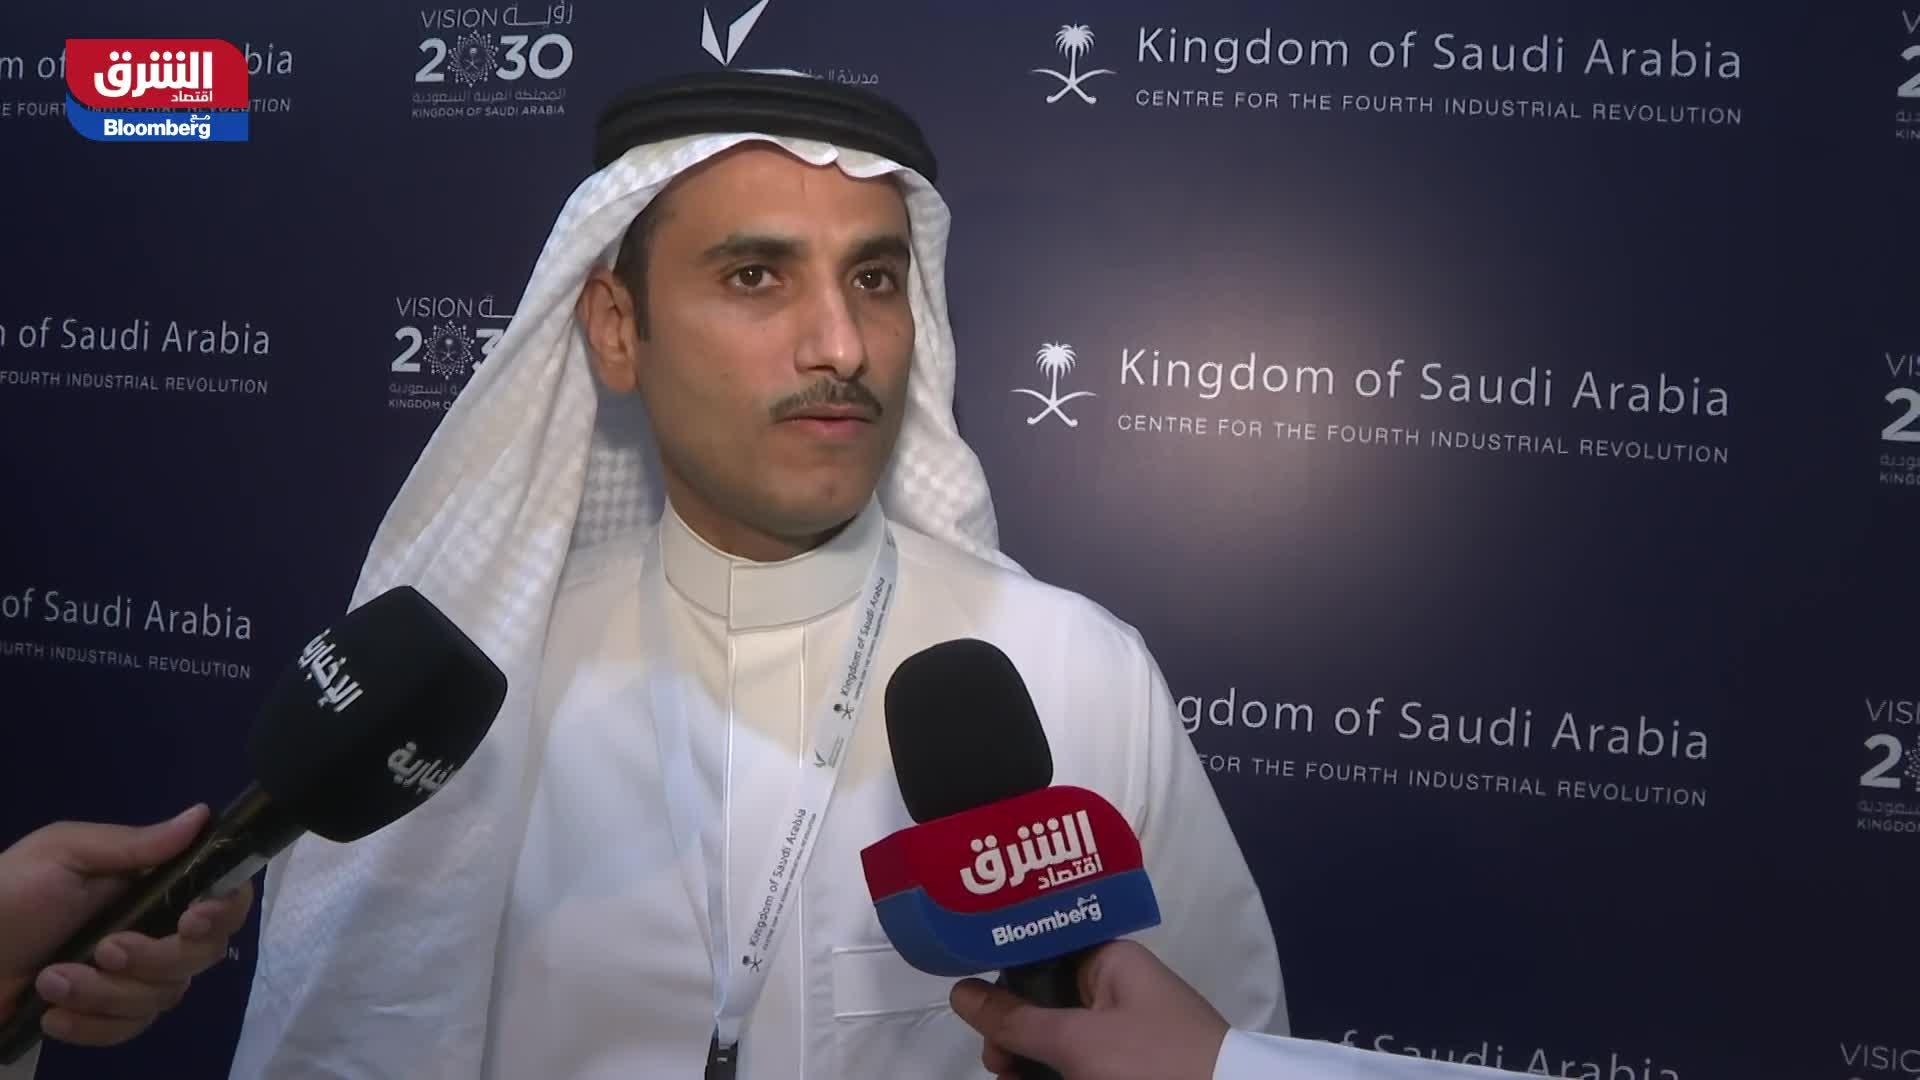 المهندس سليمان المزروع - الرئيس التنفيذي لبرنامج تطوير الصناعات الوطنية والخدمات اللوجستية